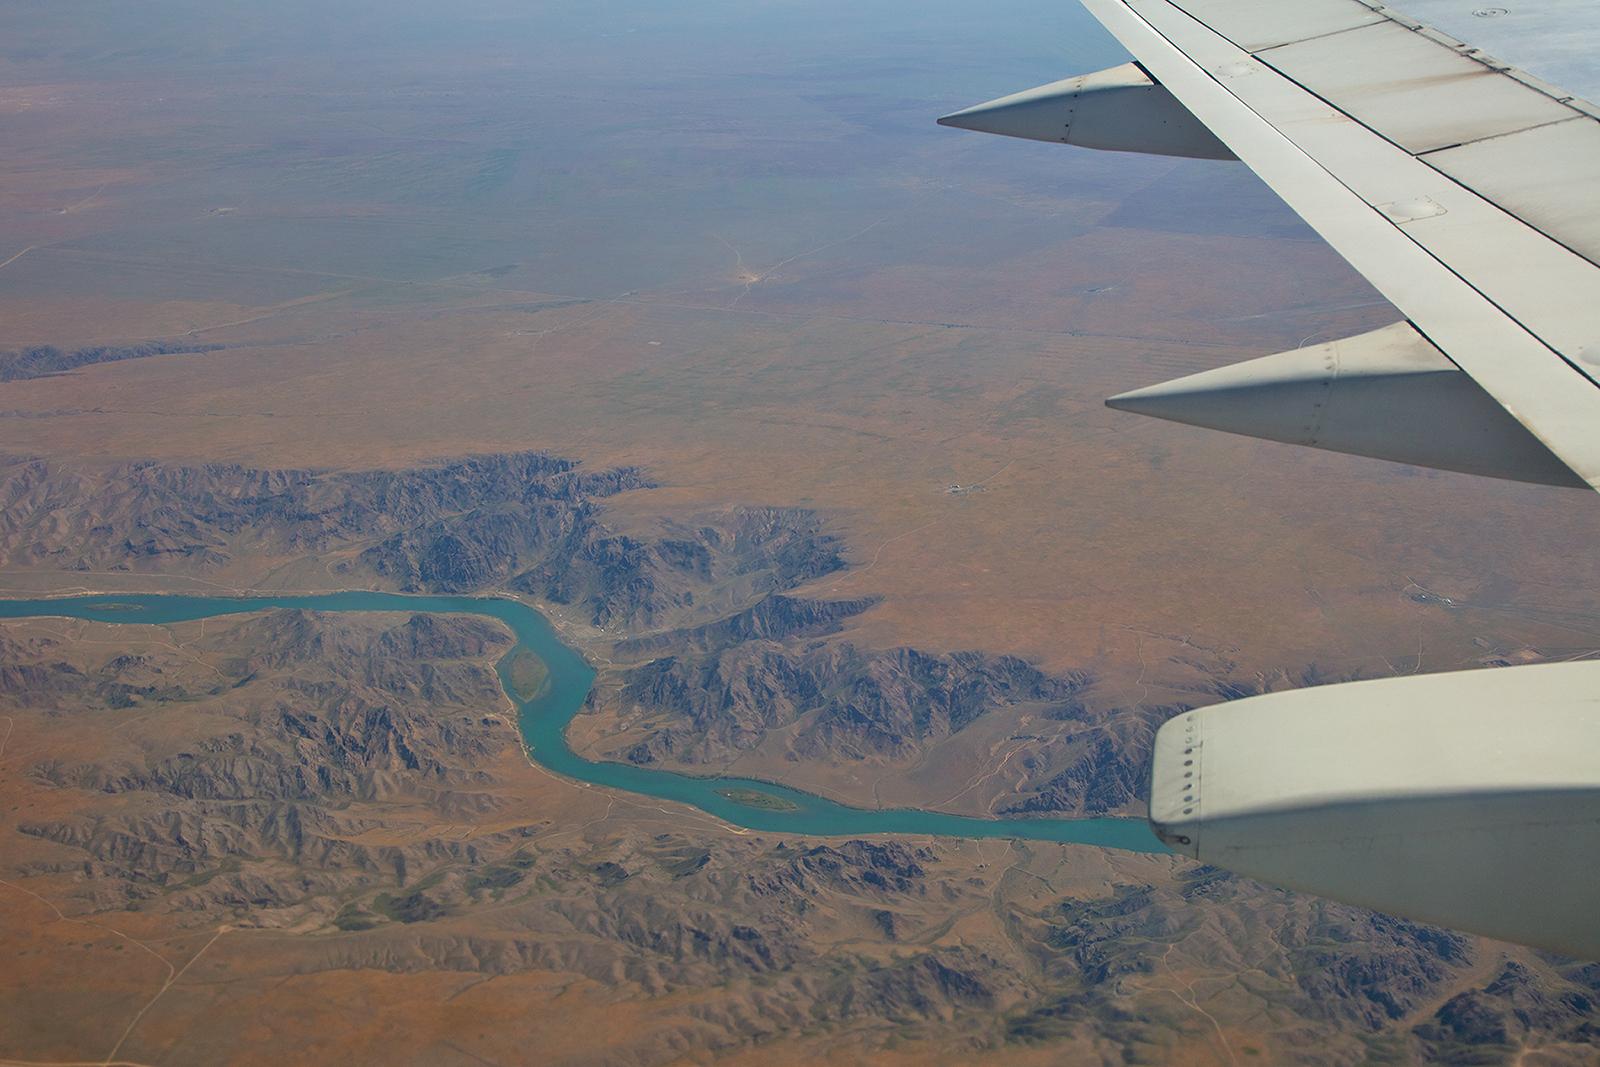 Der Fluß Ili hinter dem Kapshagay Reservoir, einem Stausee der die Wasserversorgung von Almaty und der Umgebung sicherstellt.